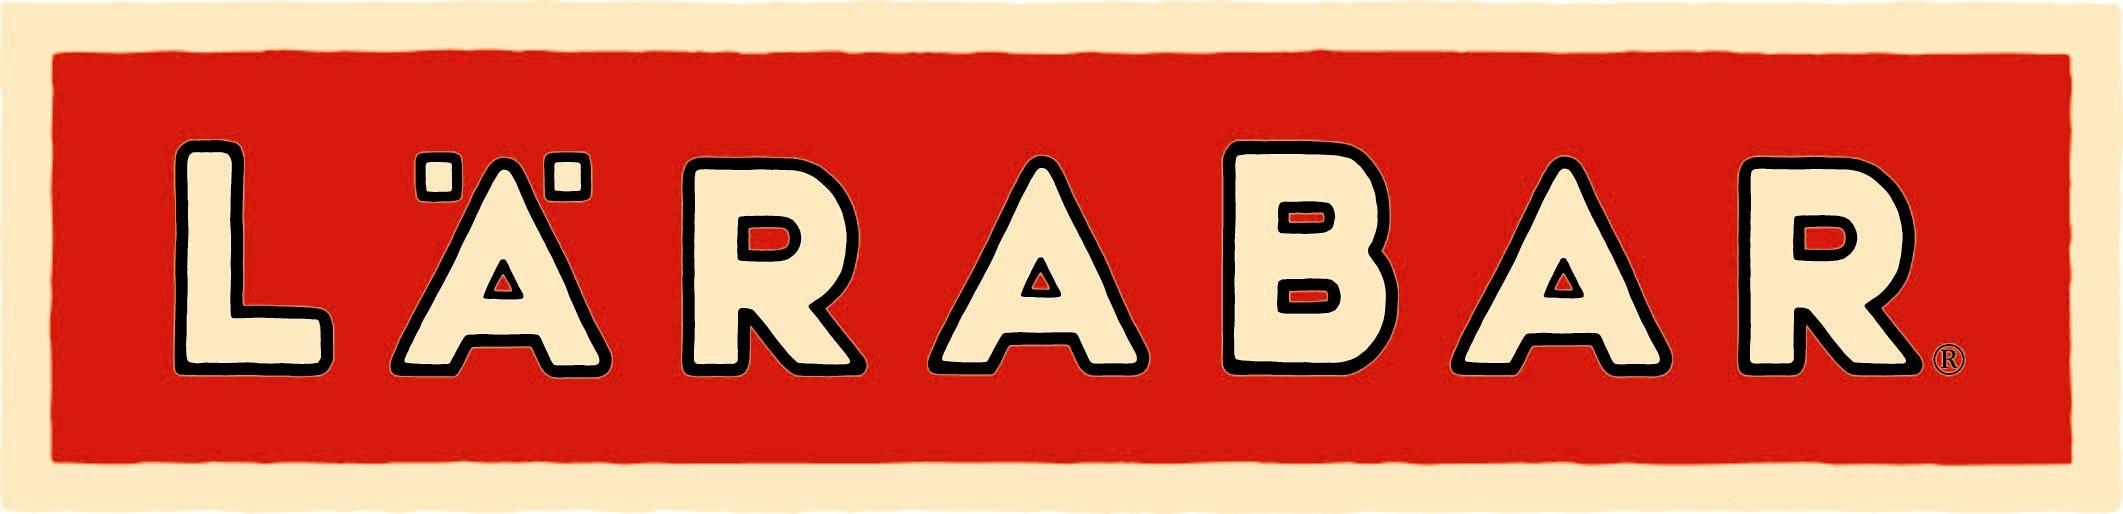 Larabar logo1